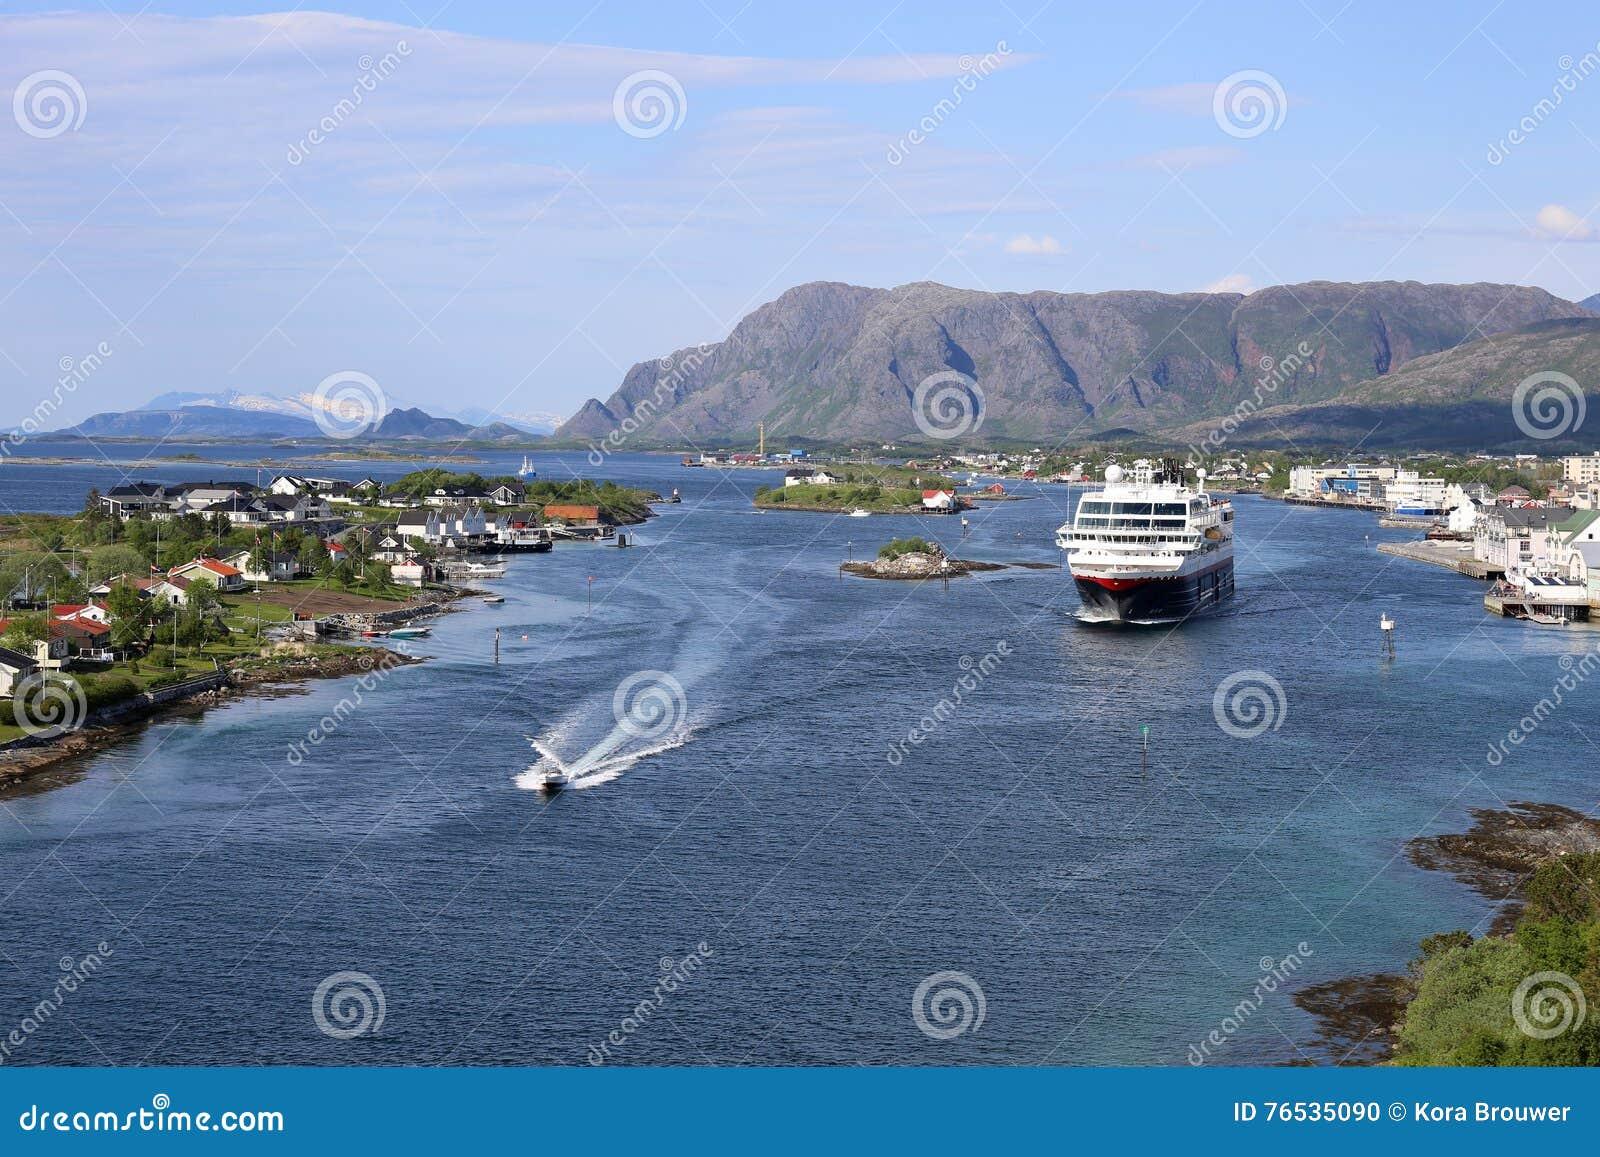 Norwegian coastal steamer leaving port of Bronnoysund